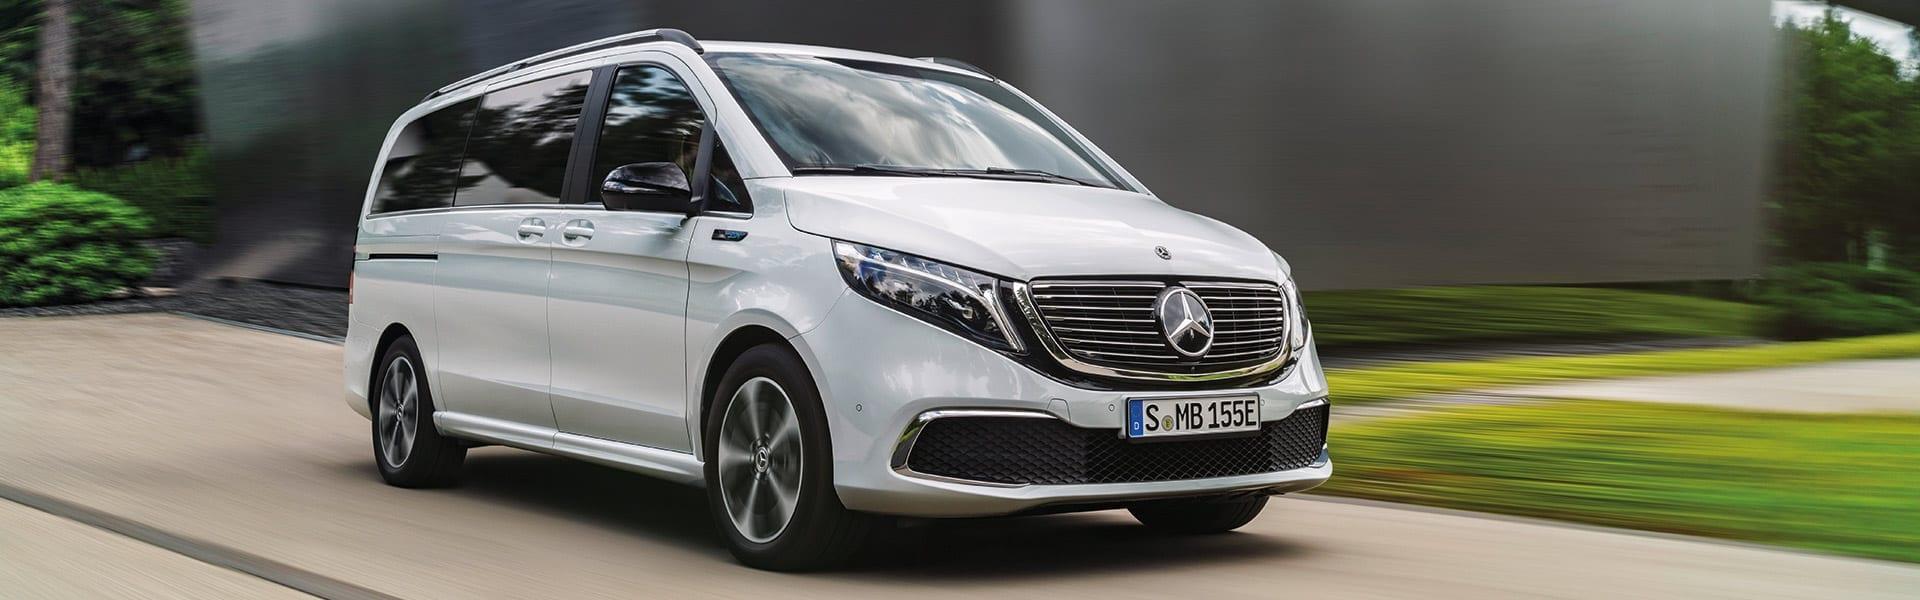 Der Neue Mercedes Benz Eqv Die Erste Elektrische Grossraumlimousine